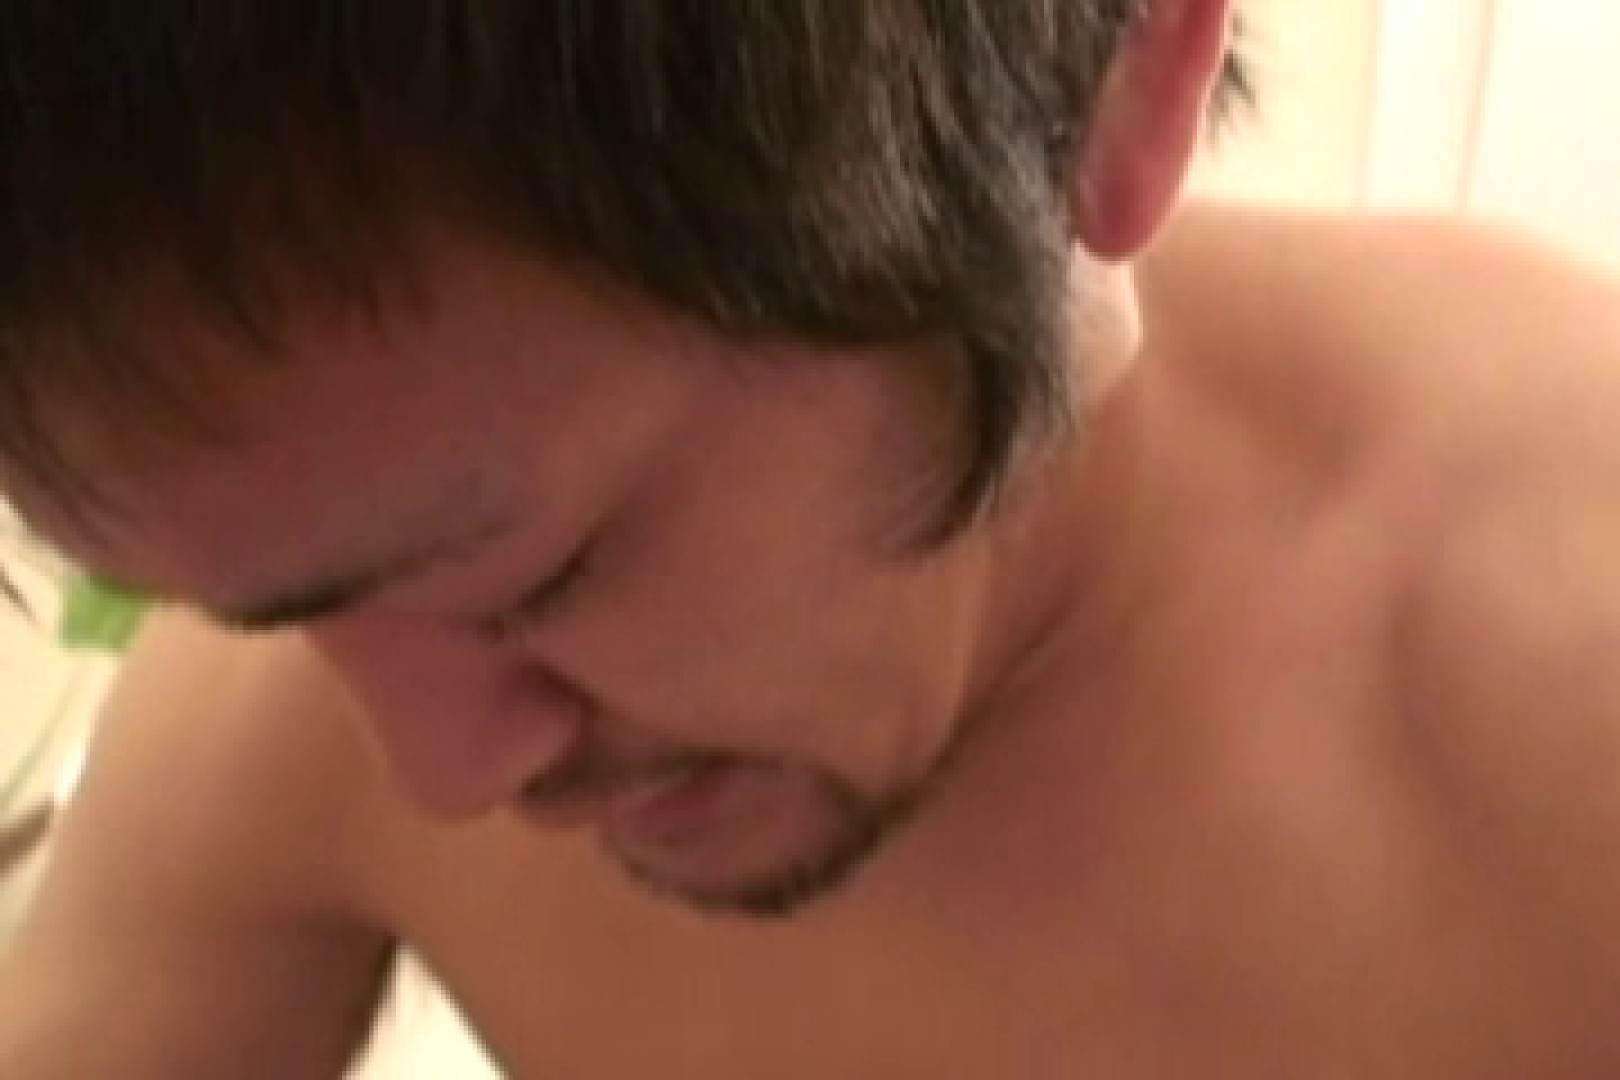 ひげメンたちのディープラブ!!コックリングでアナル三昧 仰天アナル ゲイエロ画像 97pic 85